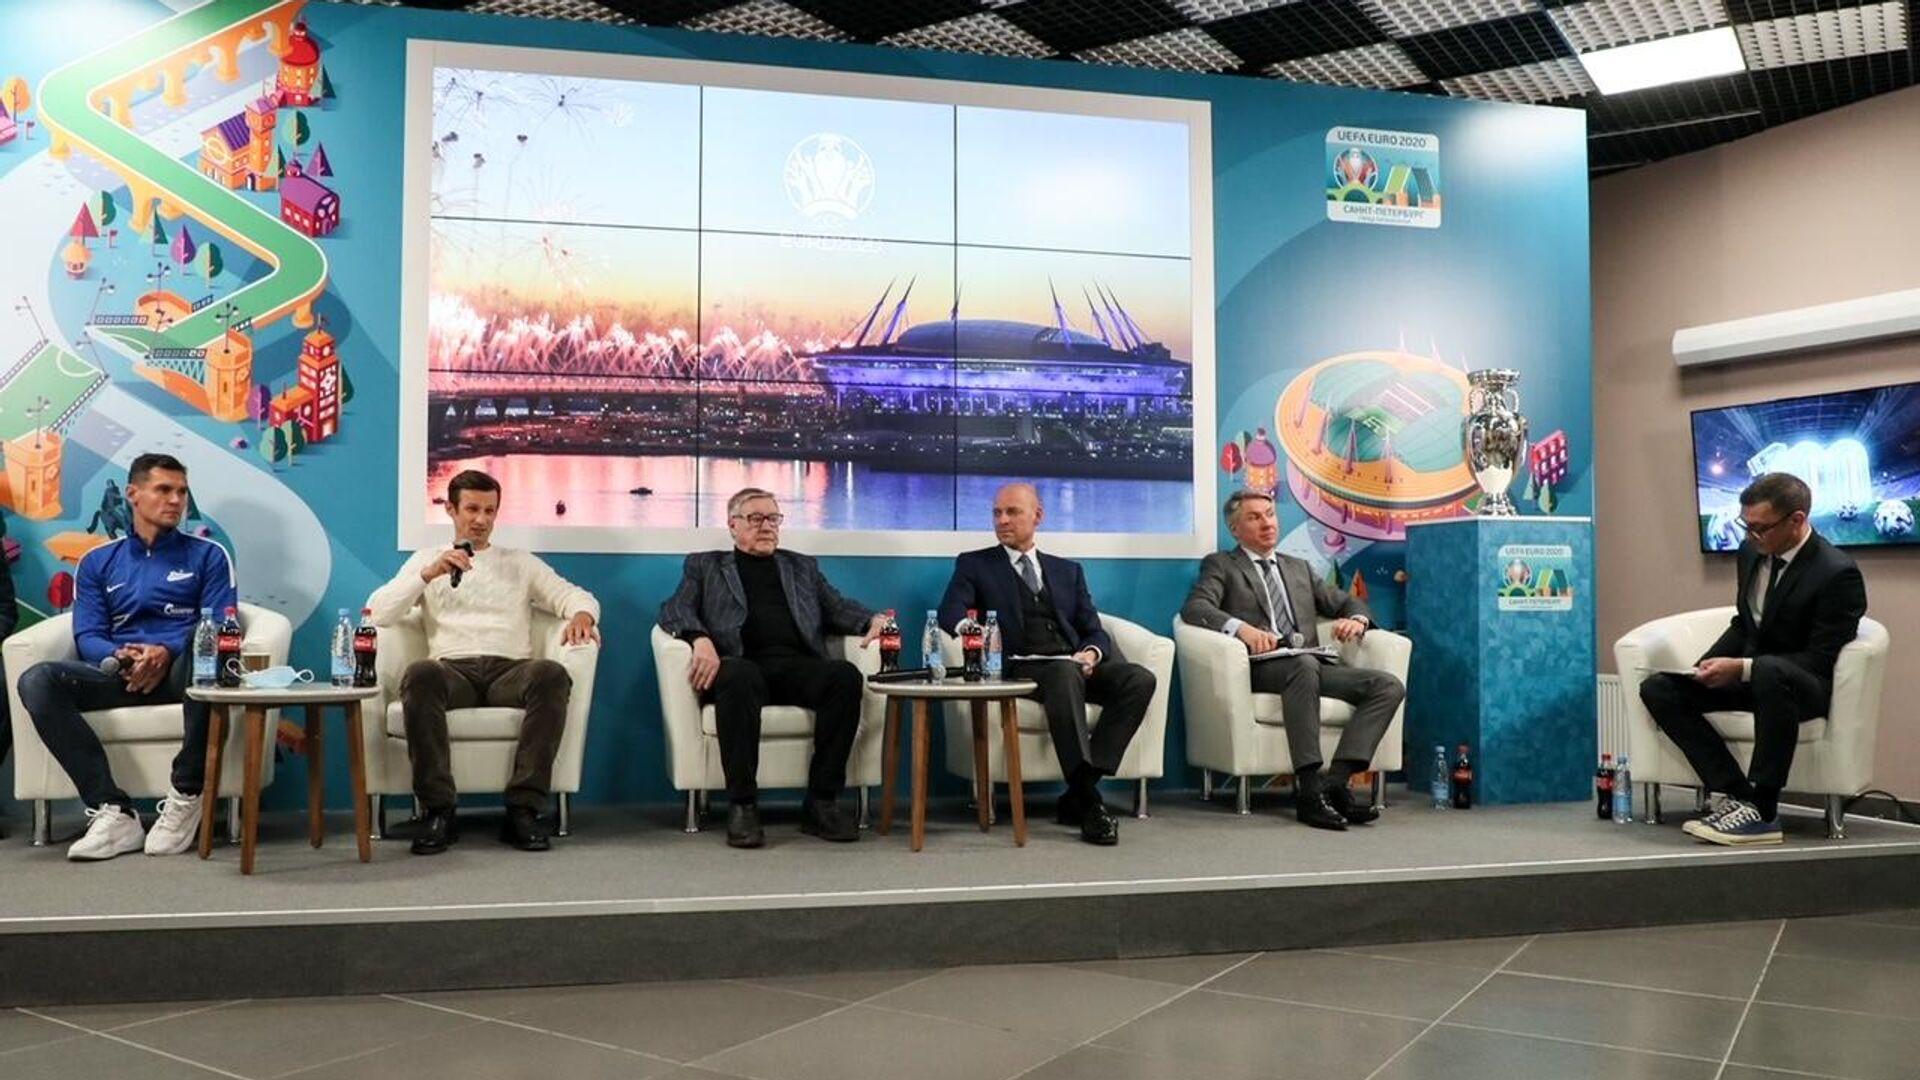 В Петербурге прошли мероприятия, приуроченные к 100 дням до старта ЕВРО-2020 - РИА Новости, 1920, 03.03.2021